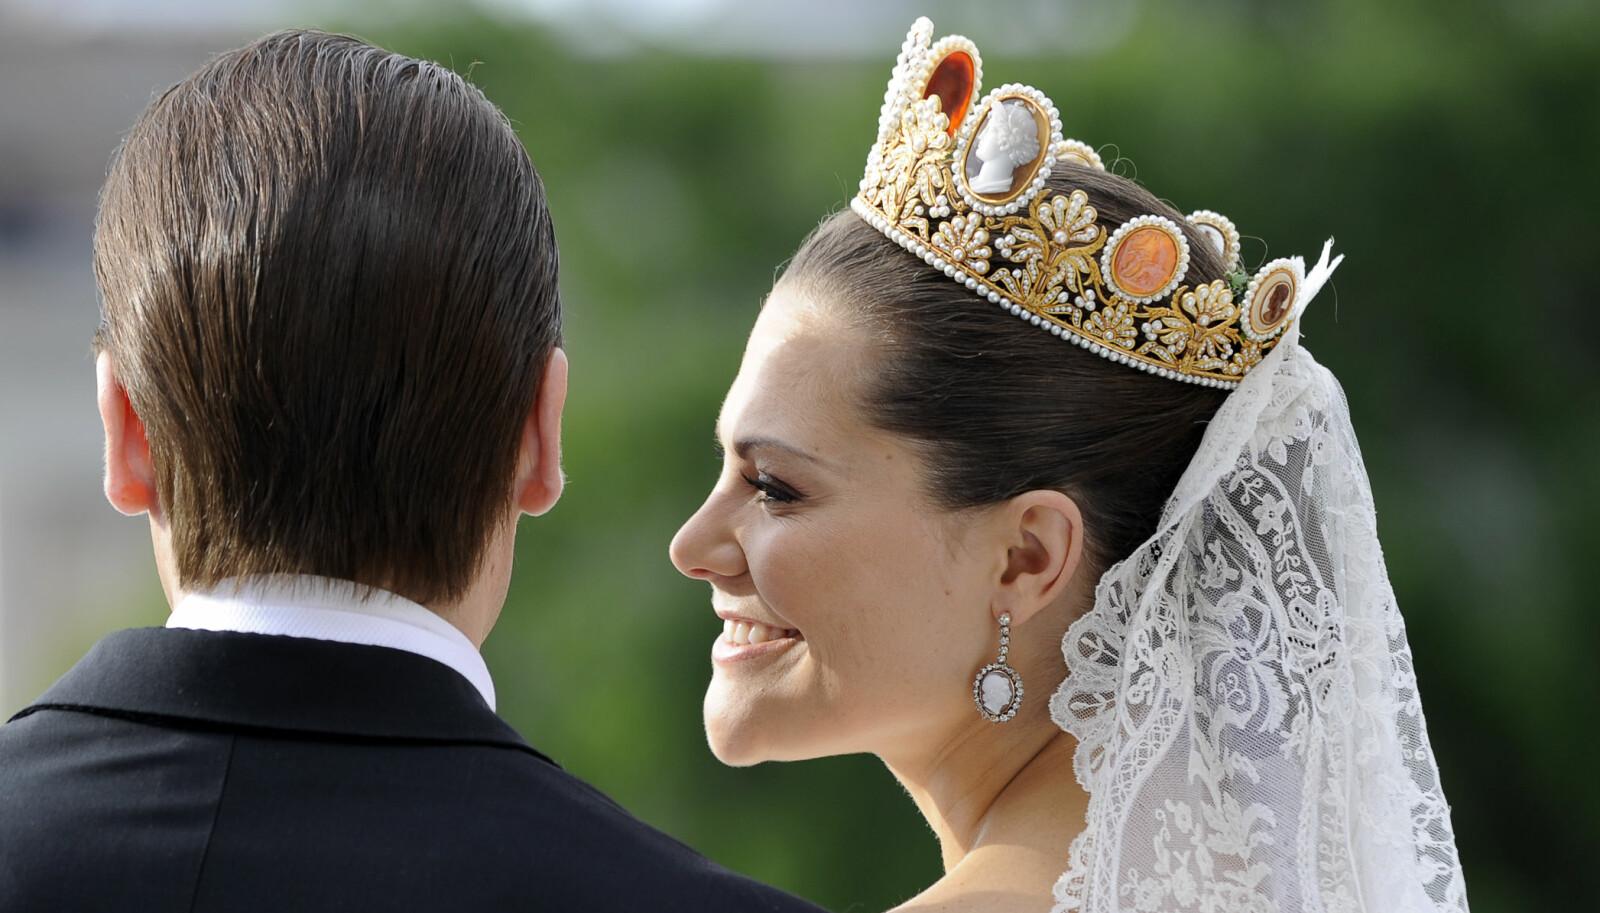 NYDELIG TIARA: Kronprinsesse Victoria valgte Kamé-garniture, som er laget av gull, perler, diamanter og store kameer med tilhørende øreringer, da hun giftet seg med prins Daniel i 2010.